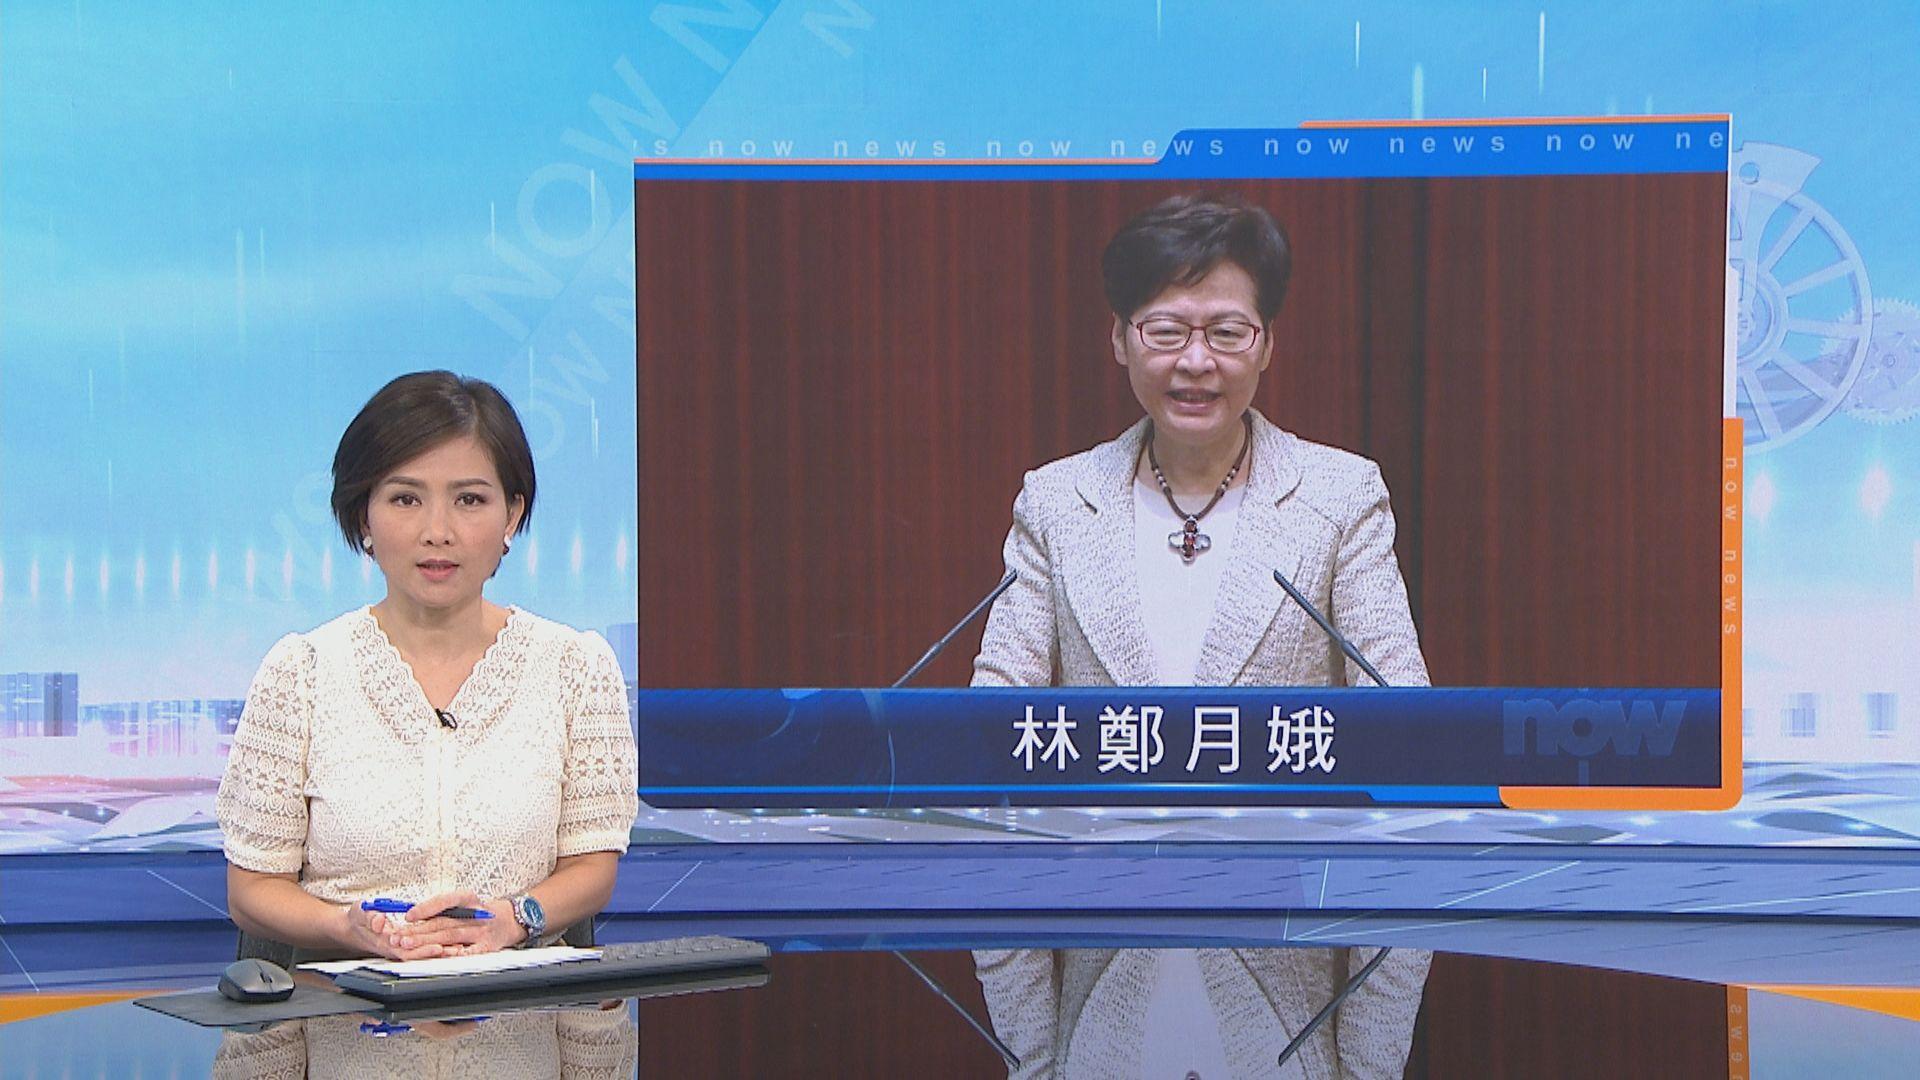 林鄭︰已向中央提議專家對接商通關條件